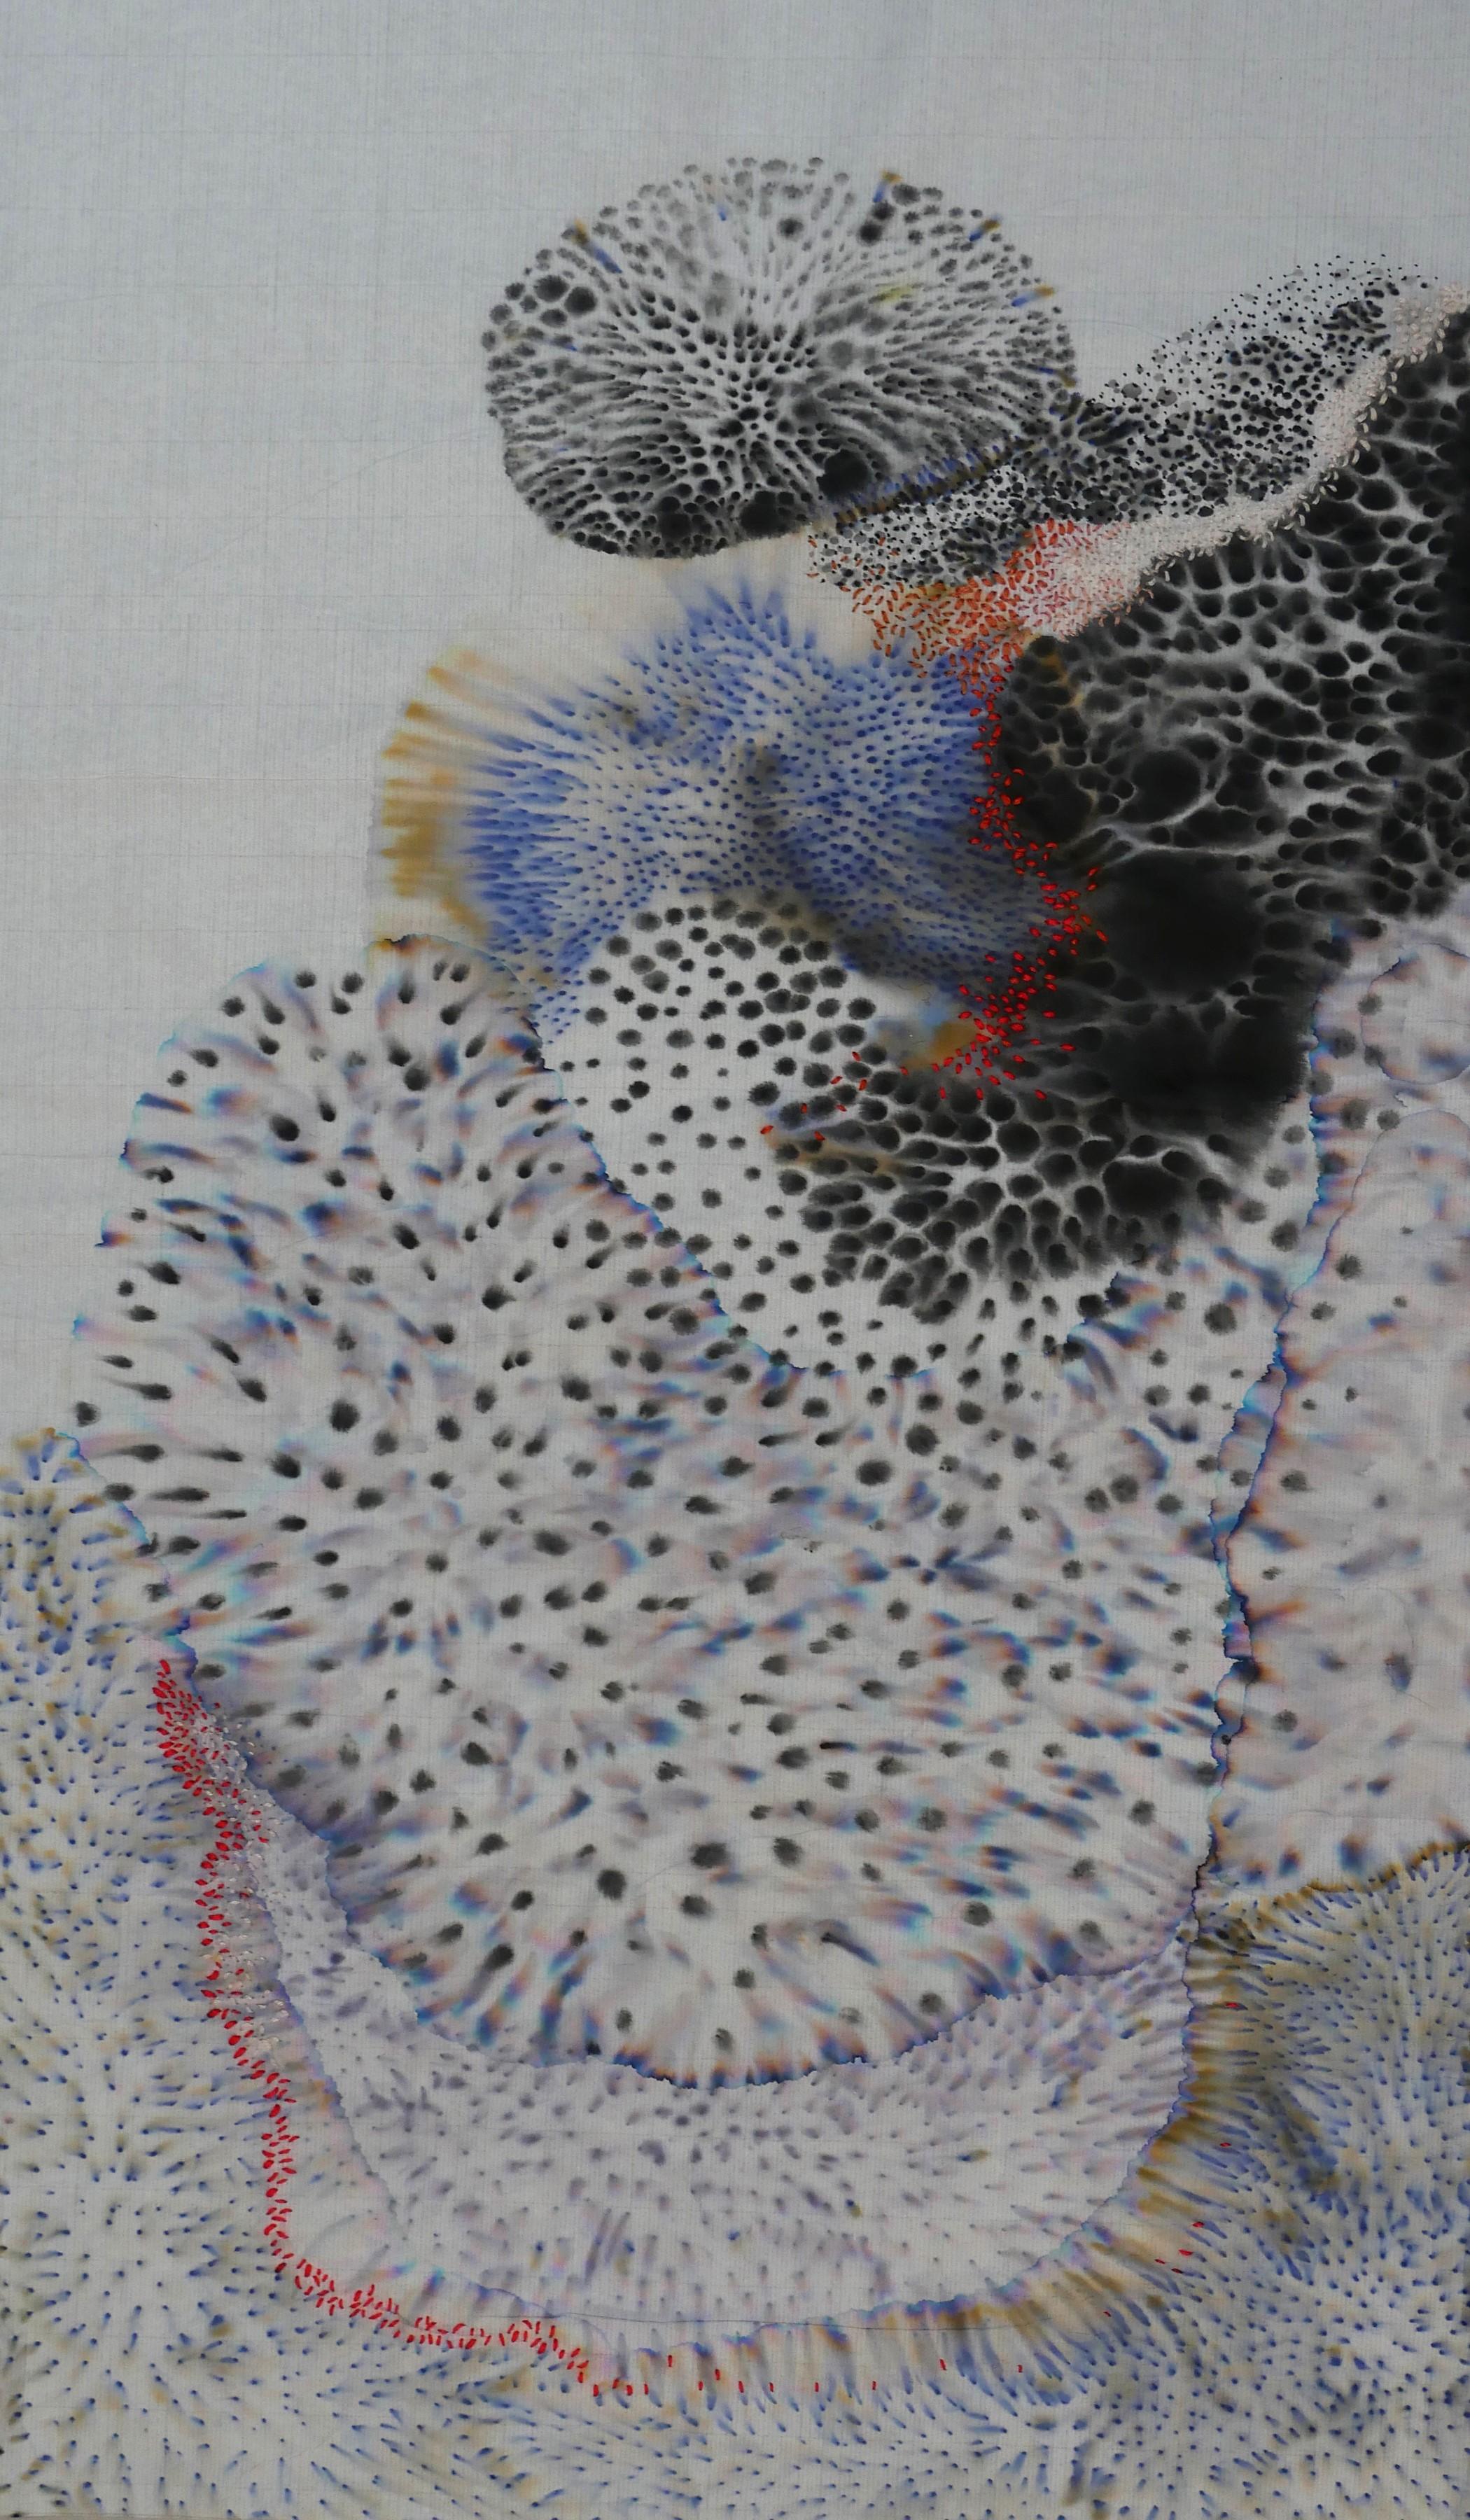 Sabatina Leccia et Alix Waline      Algae , 2019  Tryptique, papier coréen, encre, broderie  61cm x 36,5cm x 3cm    Prix : 6 000€ ( 2 200€ pièce)